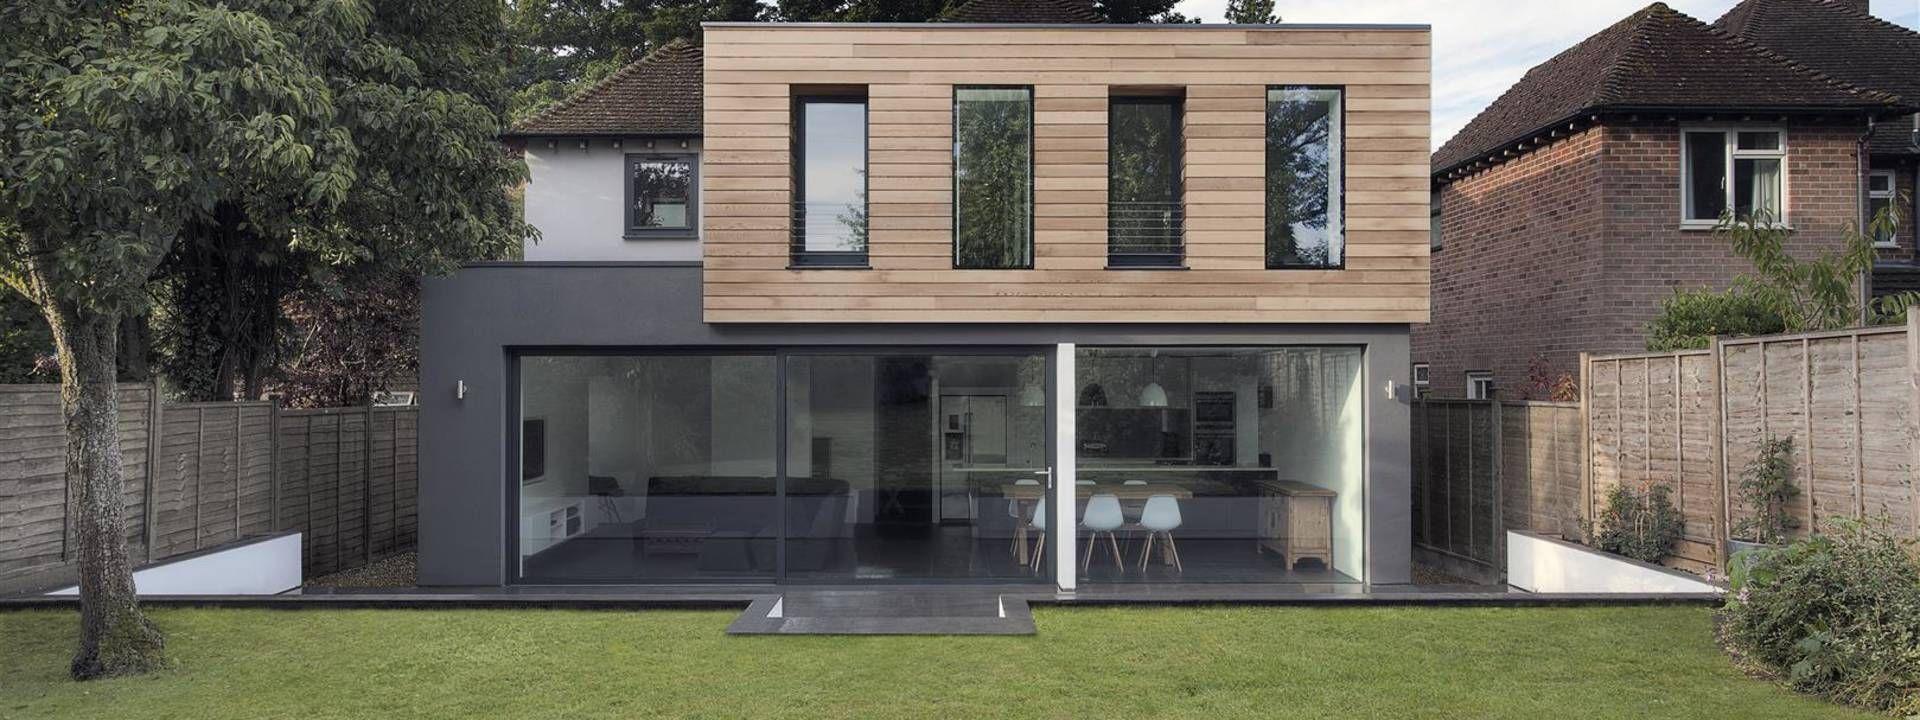 家のデコレーションインテリアデザインバスルーム キッチンの